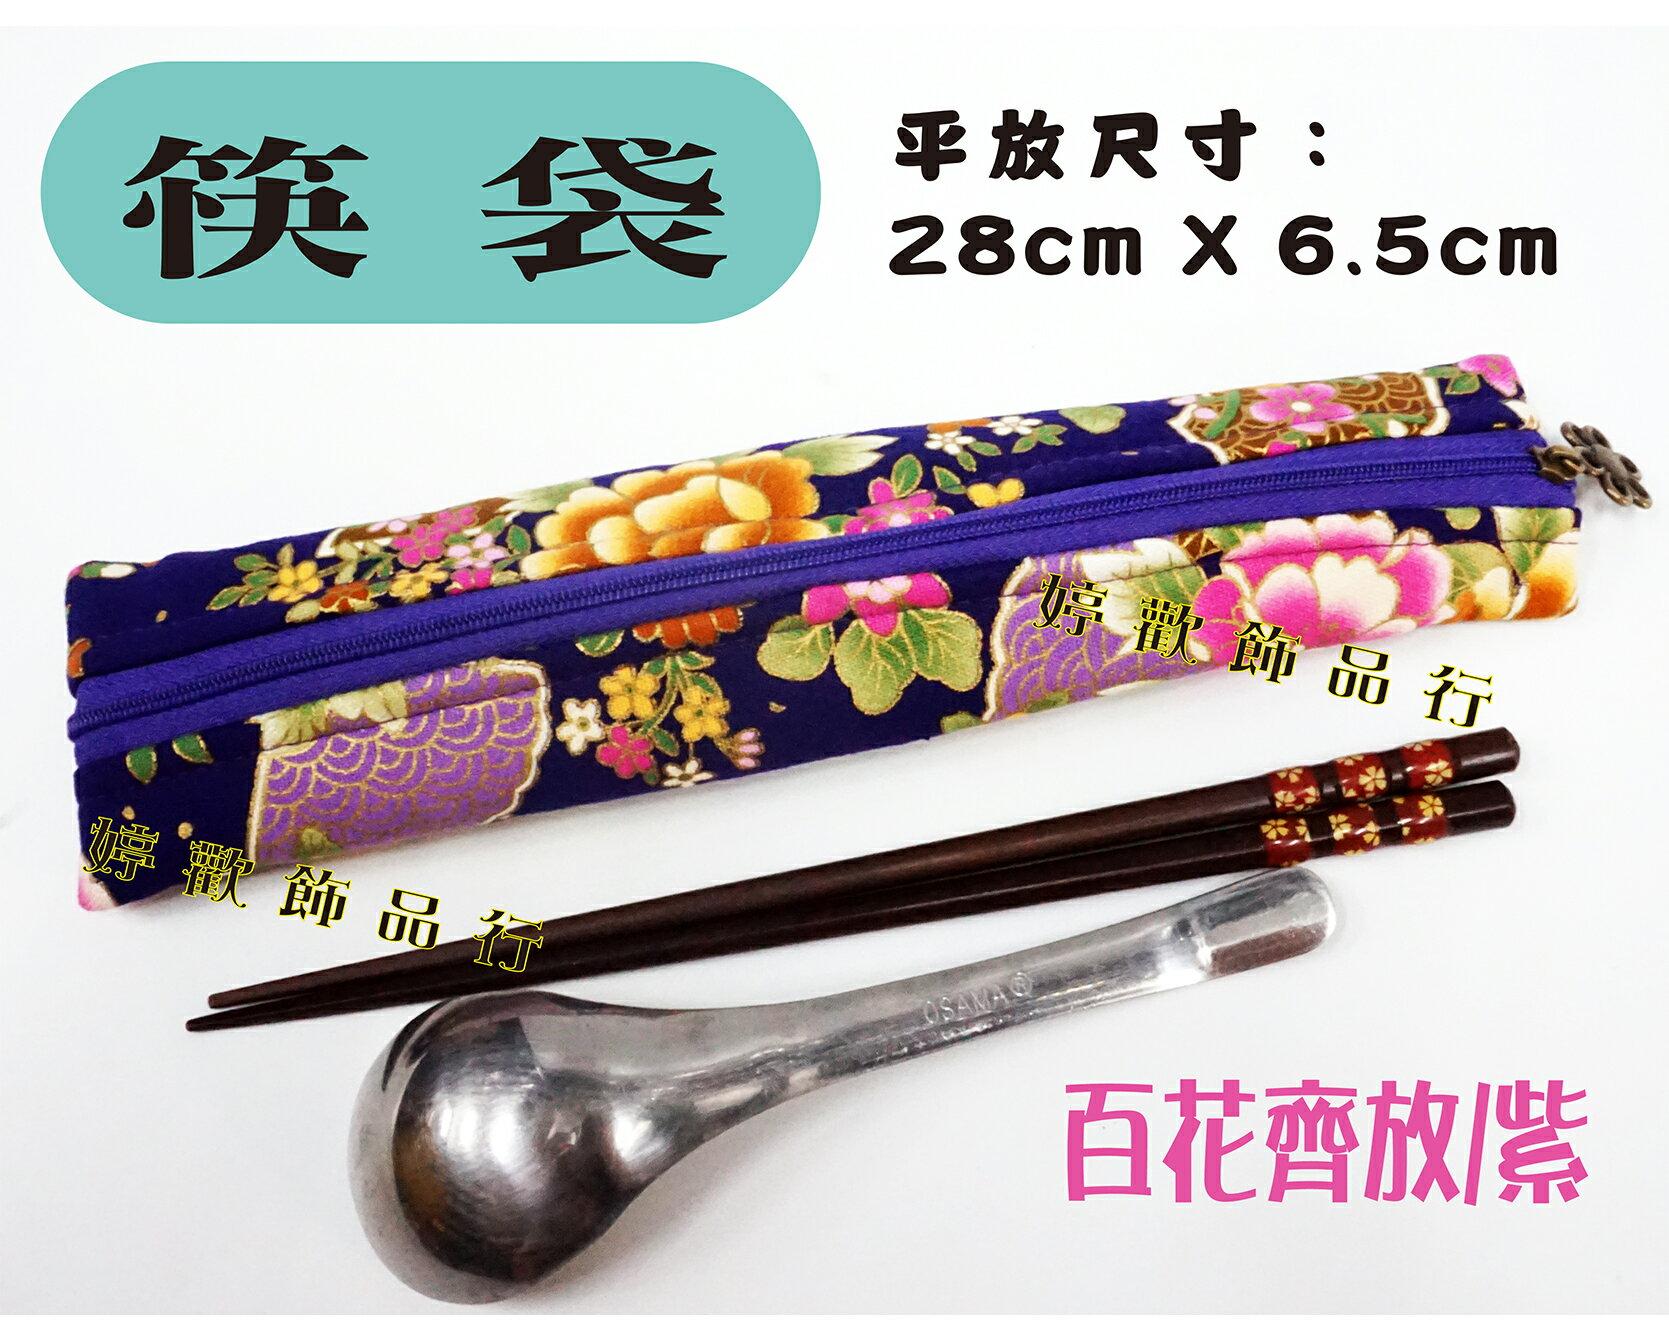 筷袋/牙刷袋/台灣製造/日本布料/時尚美觀/百花齊放